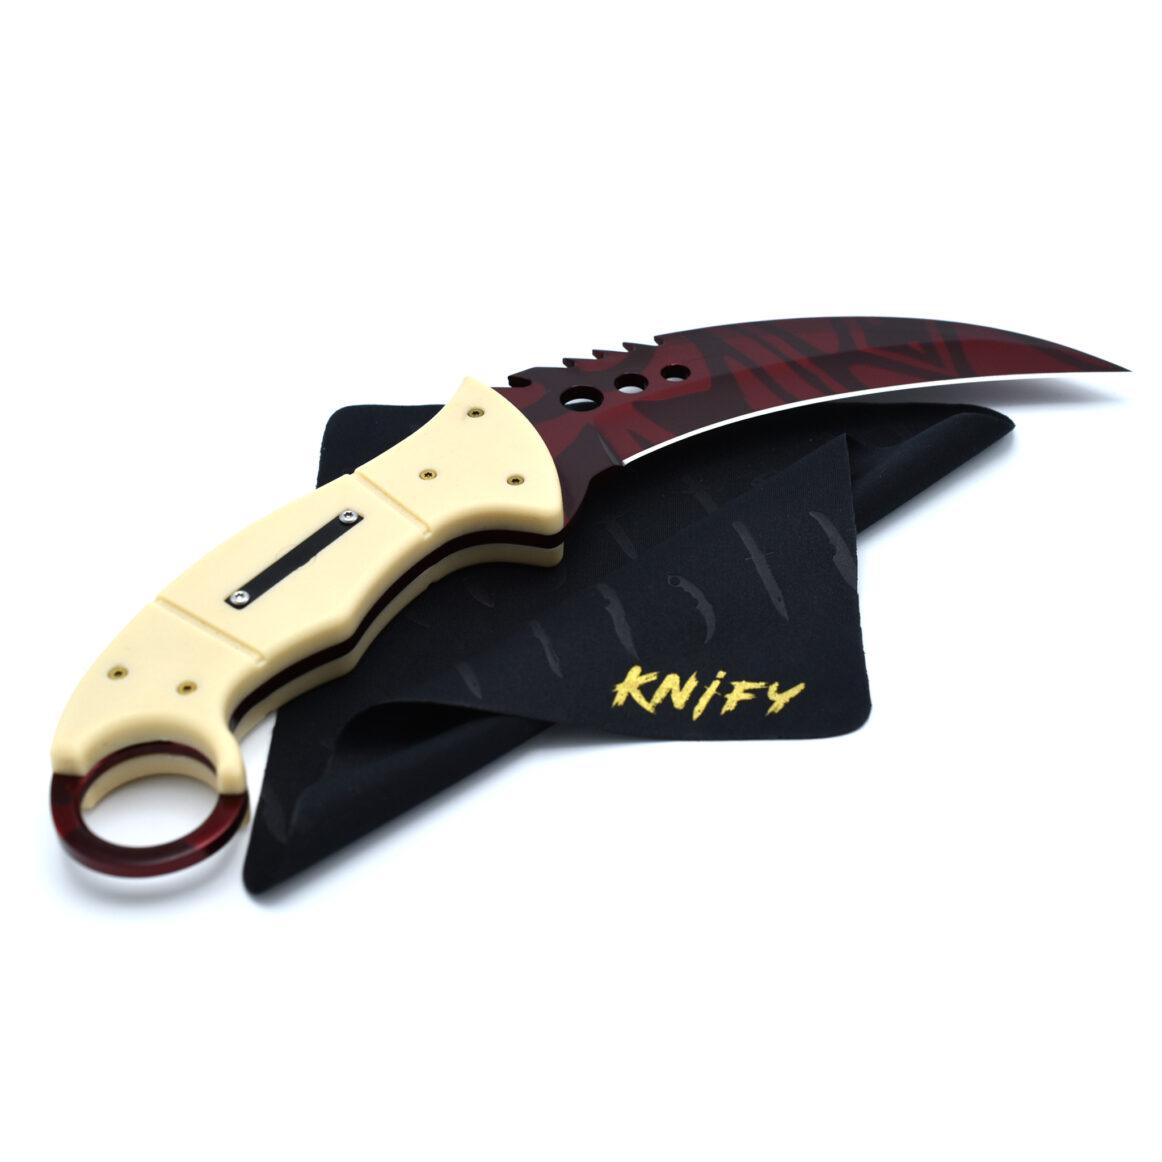 Real CS:GO Talon Slaughter - IRL CS GO Knife